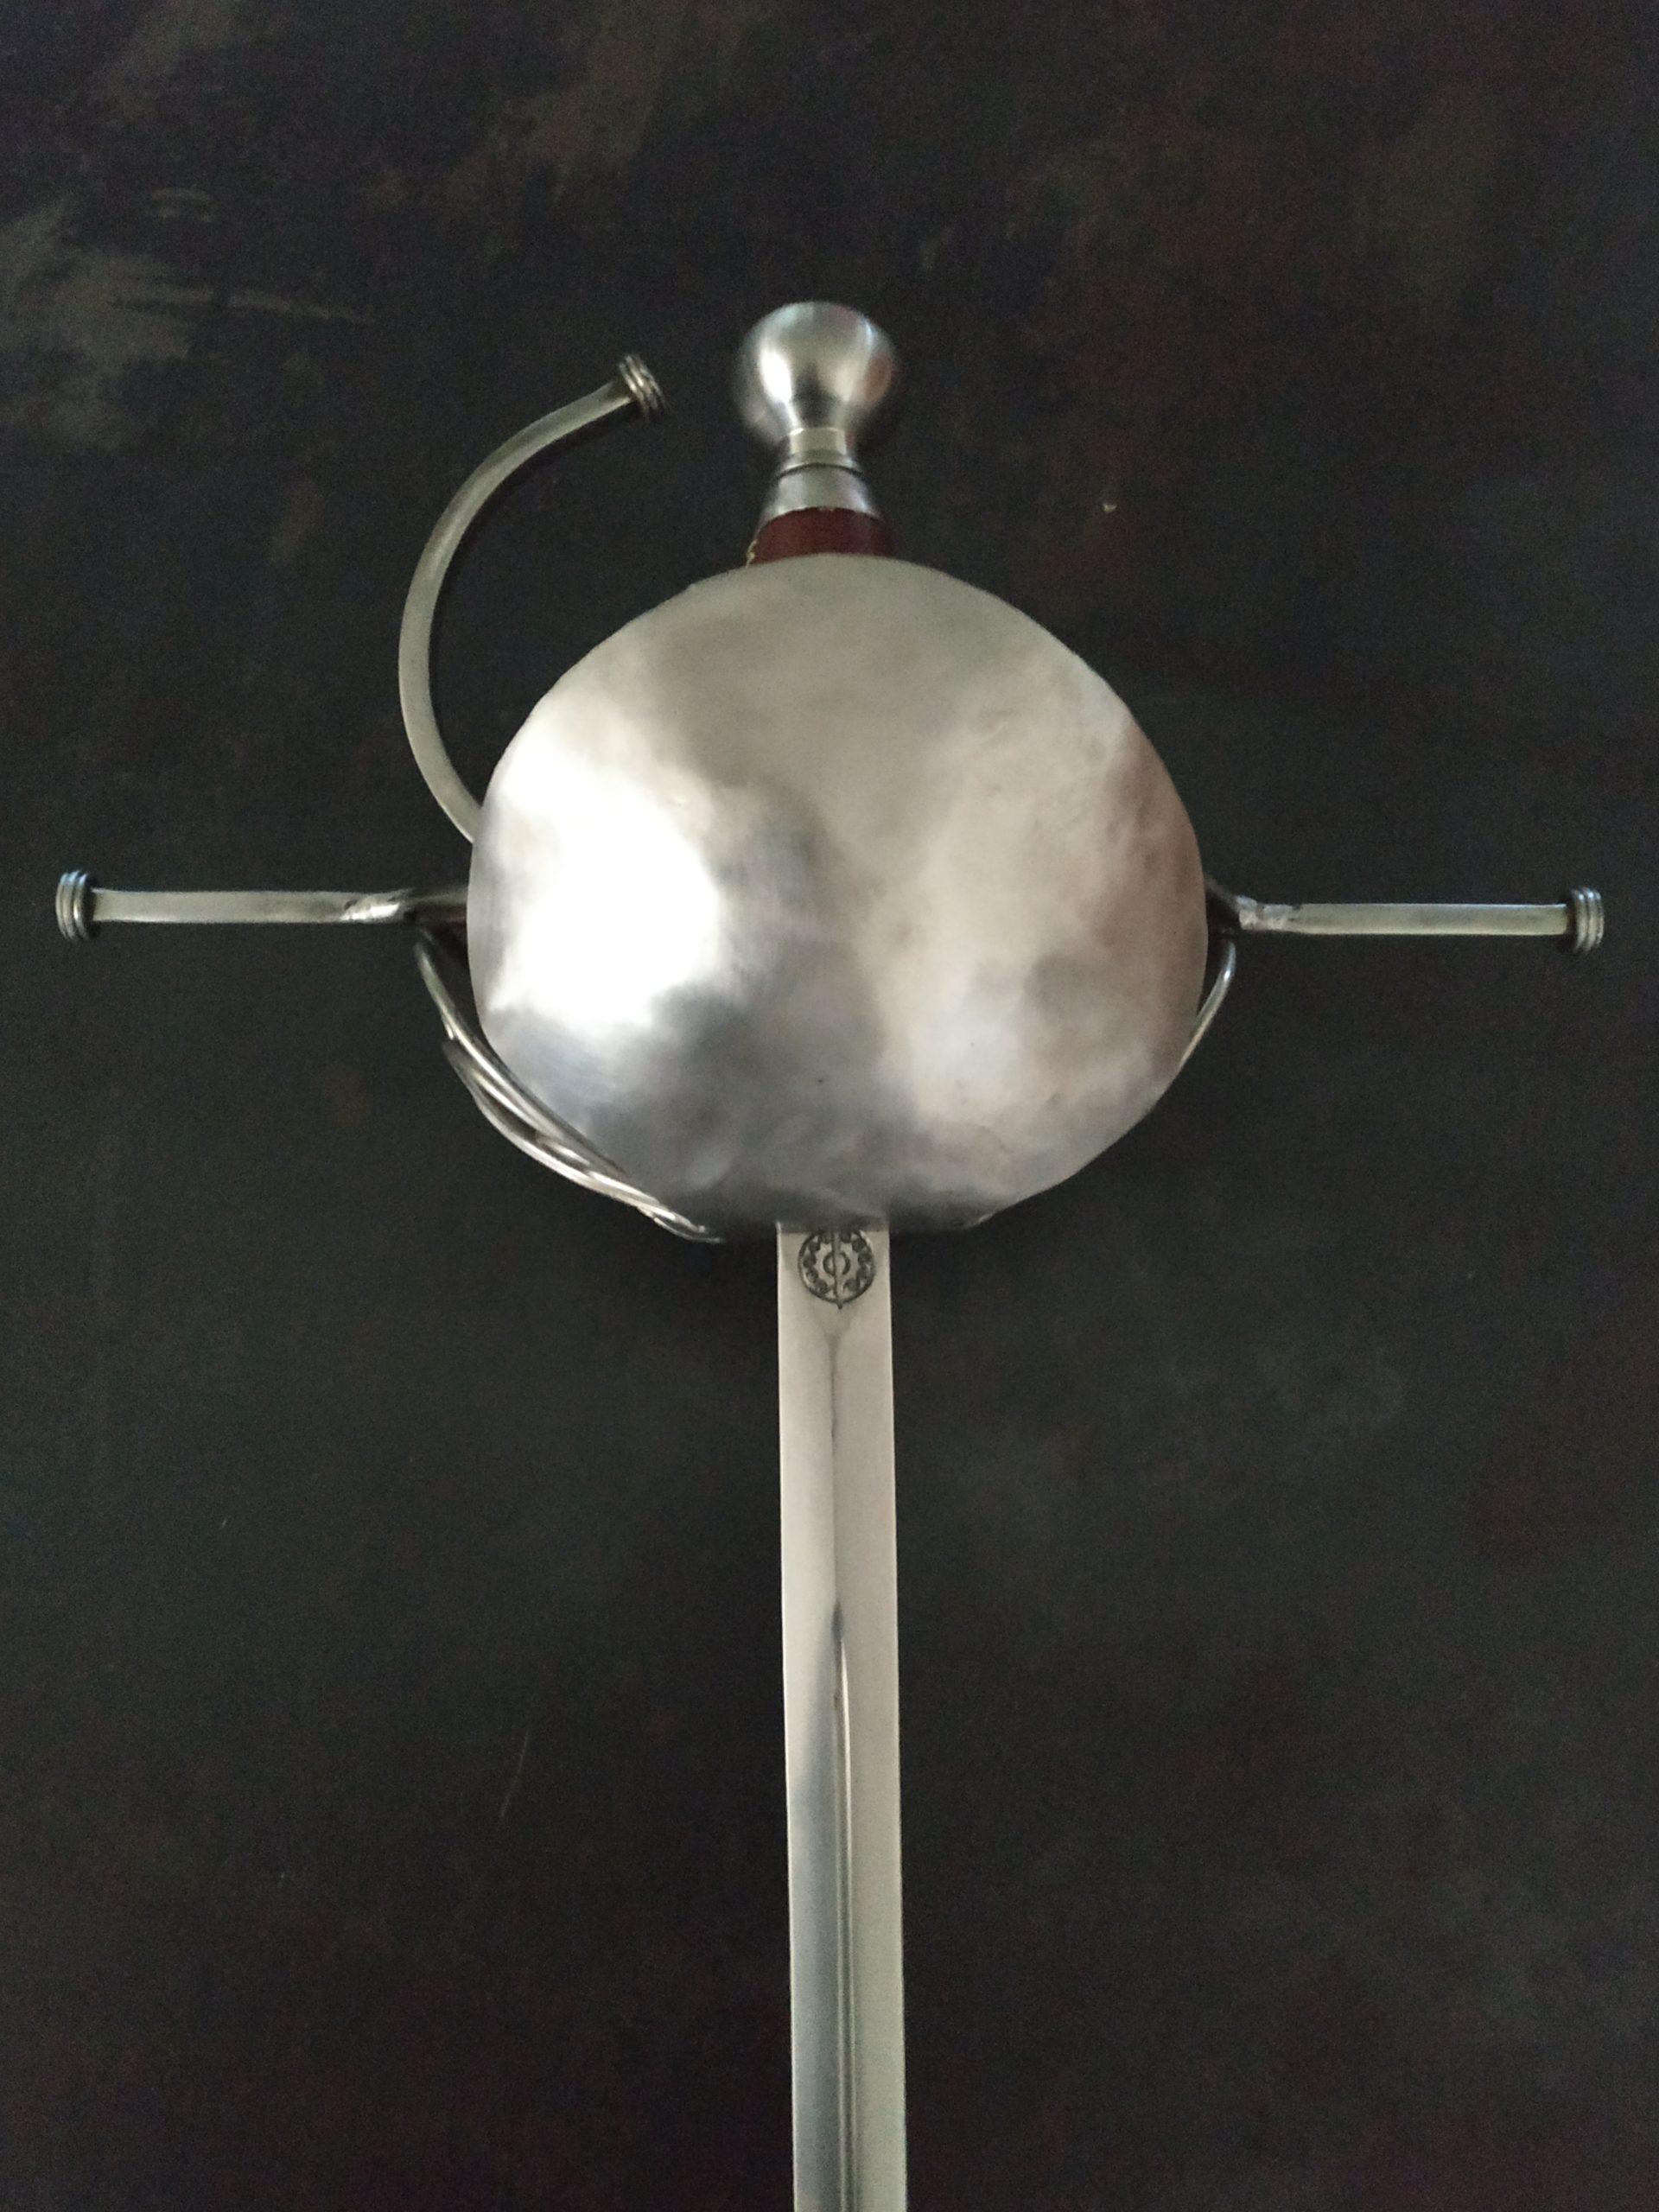 Rapier shell sword from Bellatore. Hilt detail